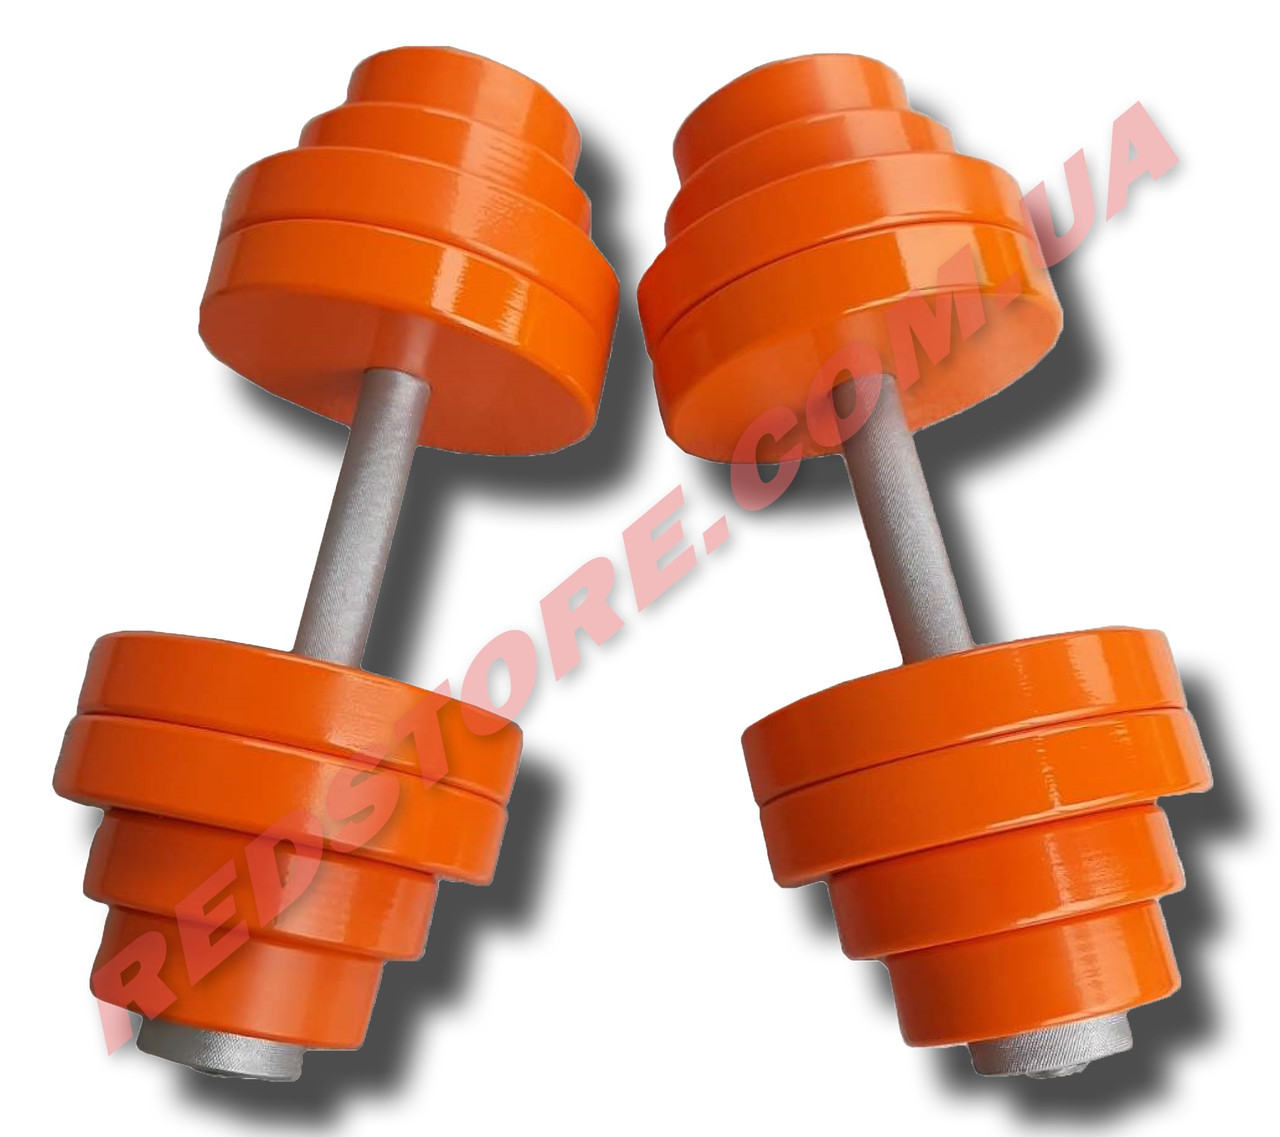 Гантели наборные 2 по 32 кг металлические с полимерным покрытием (общий вес 64 кг) разборные